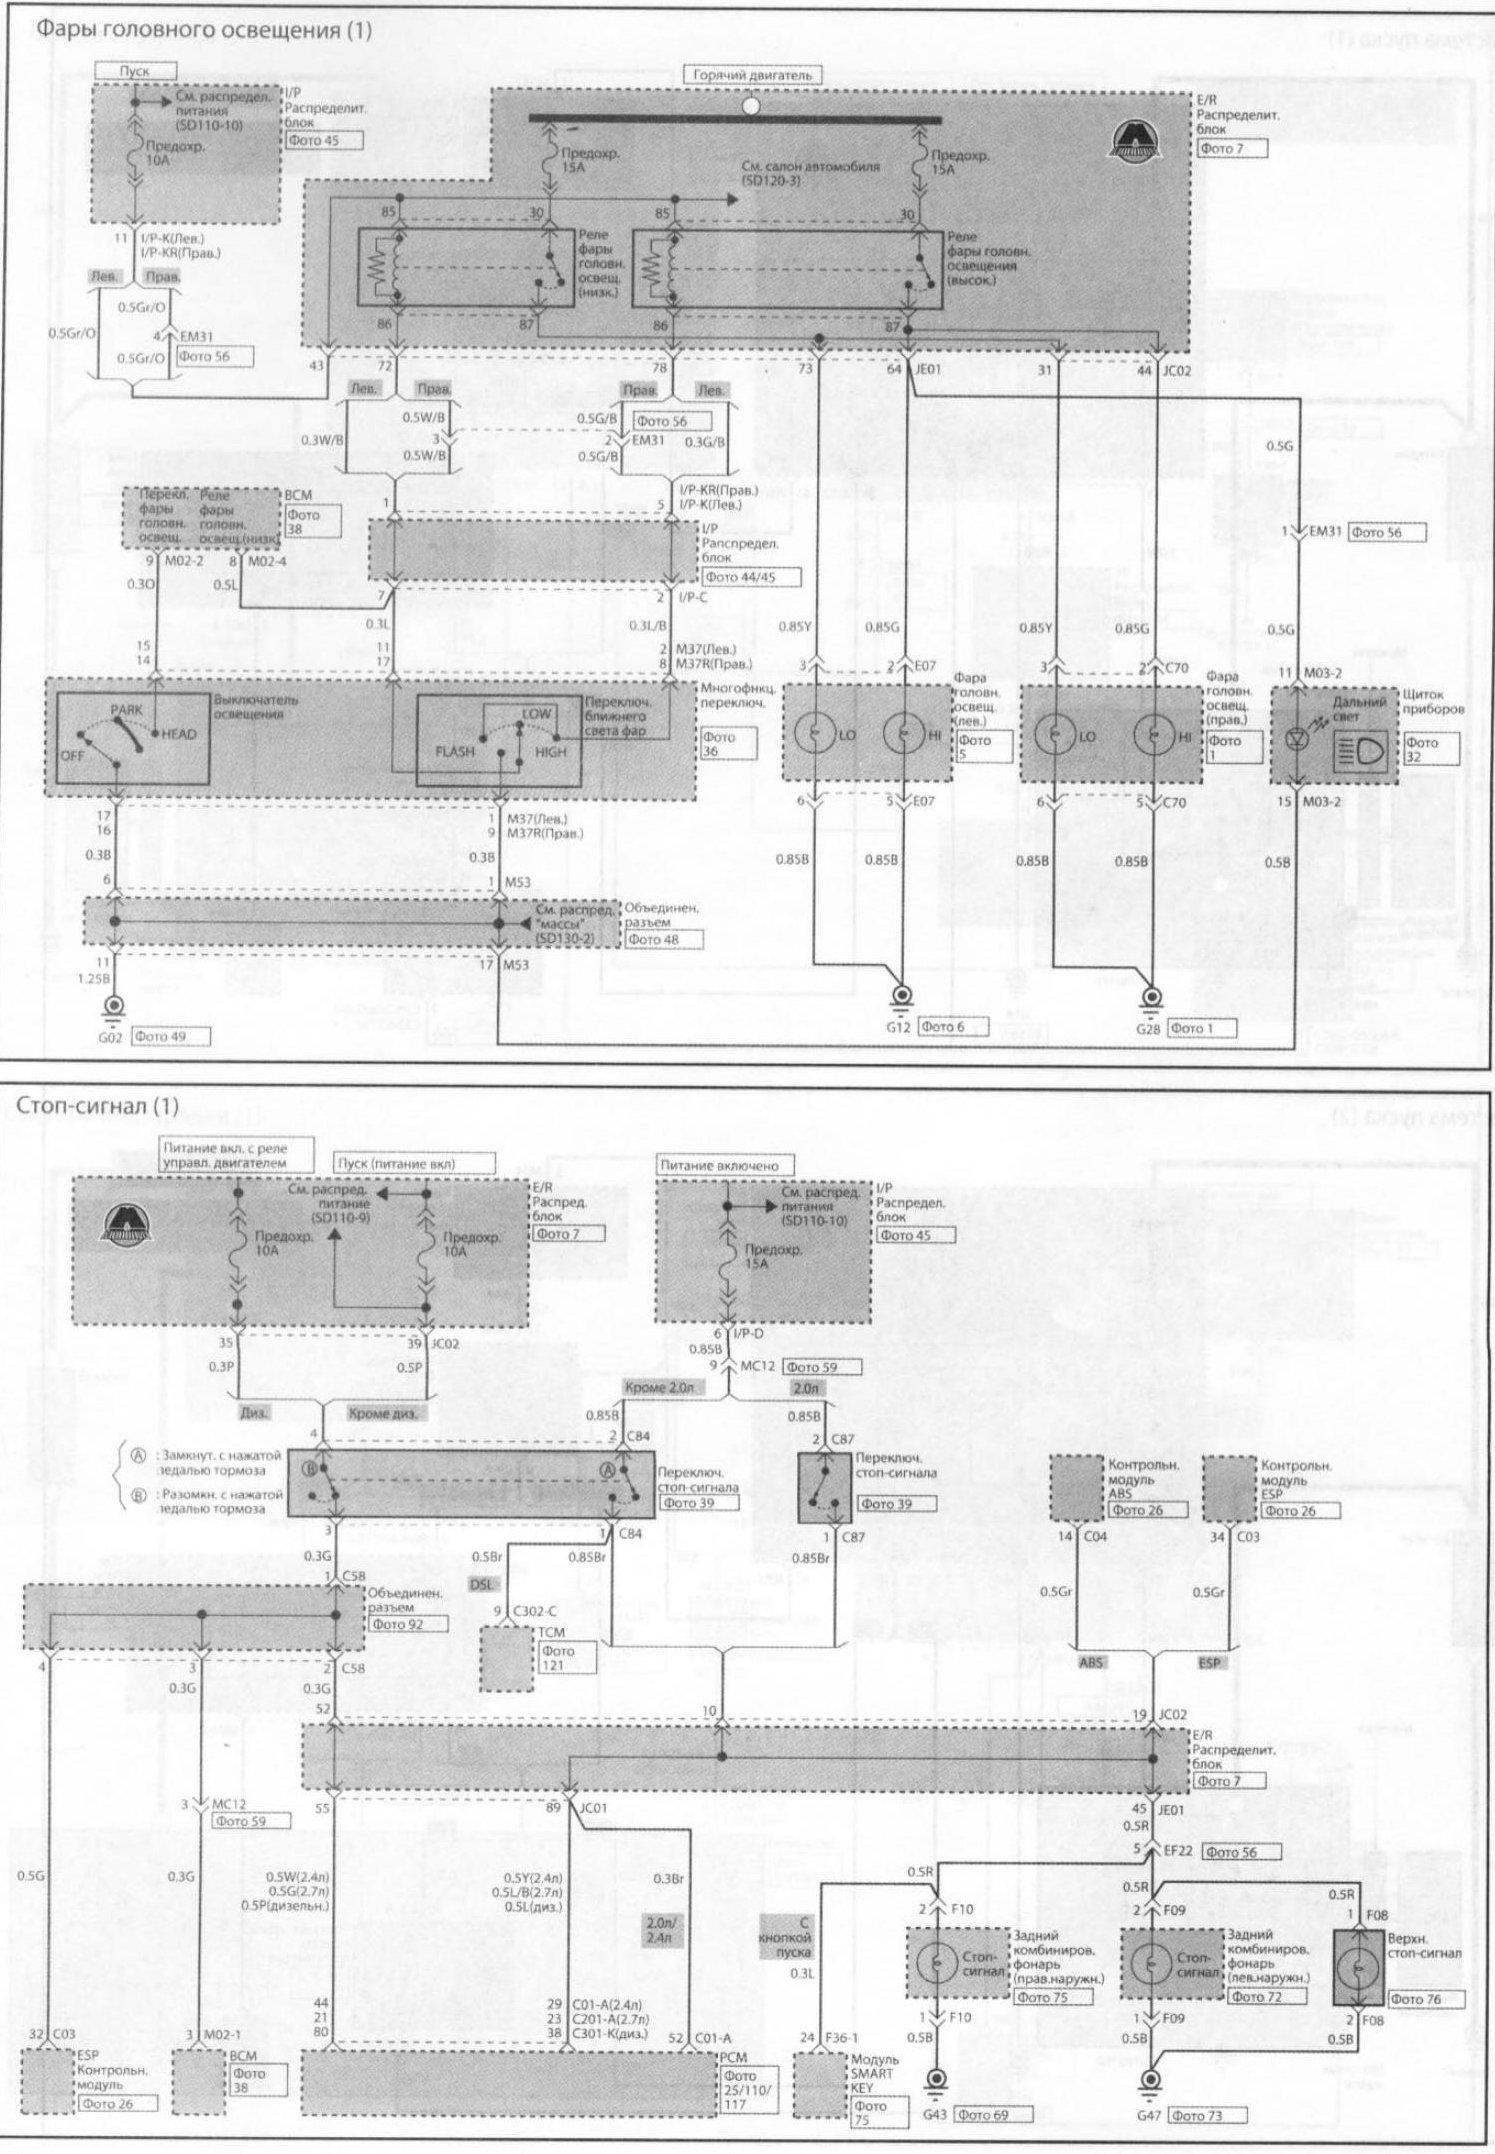 kia wiring diagrams 11 11 nuerasolar co u2022kia car manuals wiring diagrams pdf fault codes [ 1495 x 2154 Pixel ]